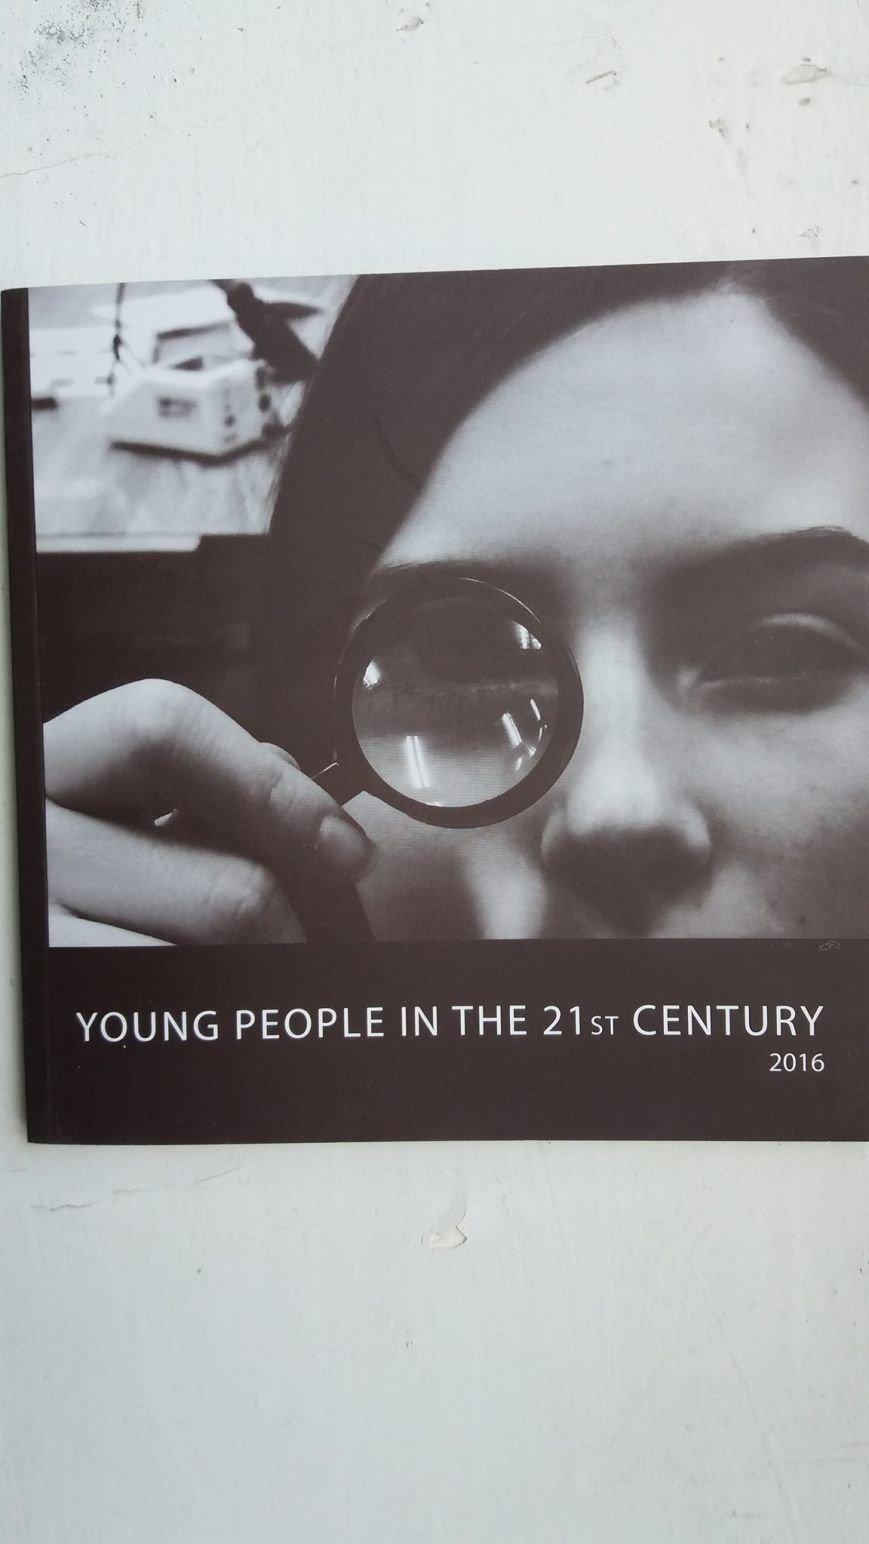 Фото 16-річних тернополянок увійшли до списку кращих робіт міжнародного конкурсу, фото-2